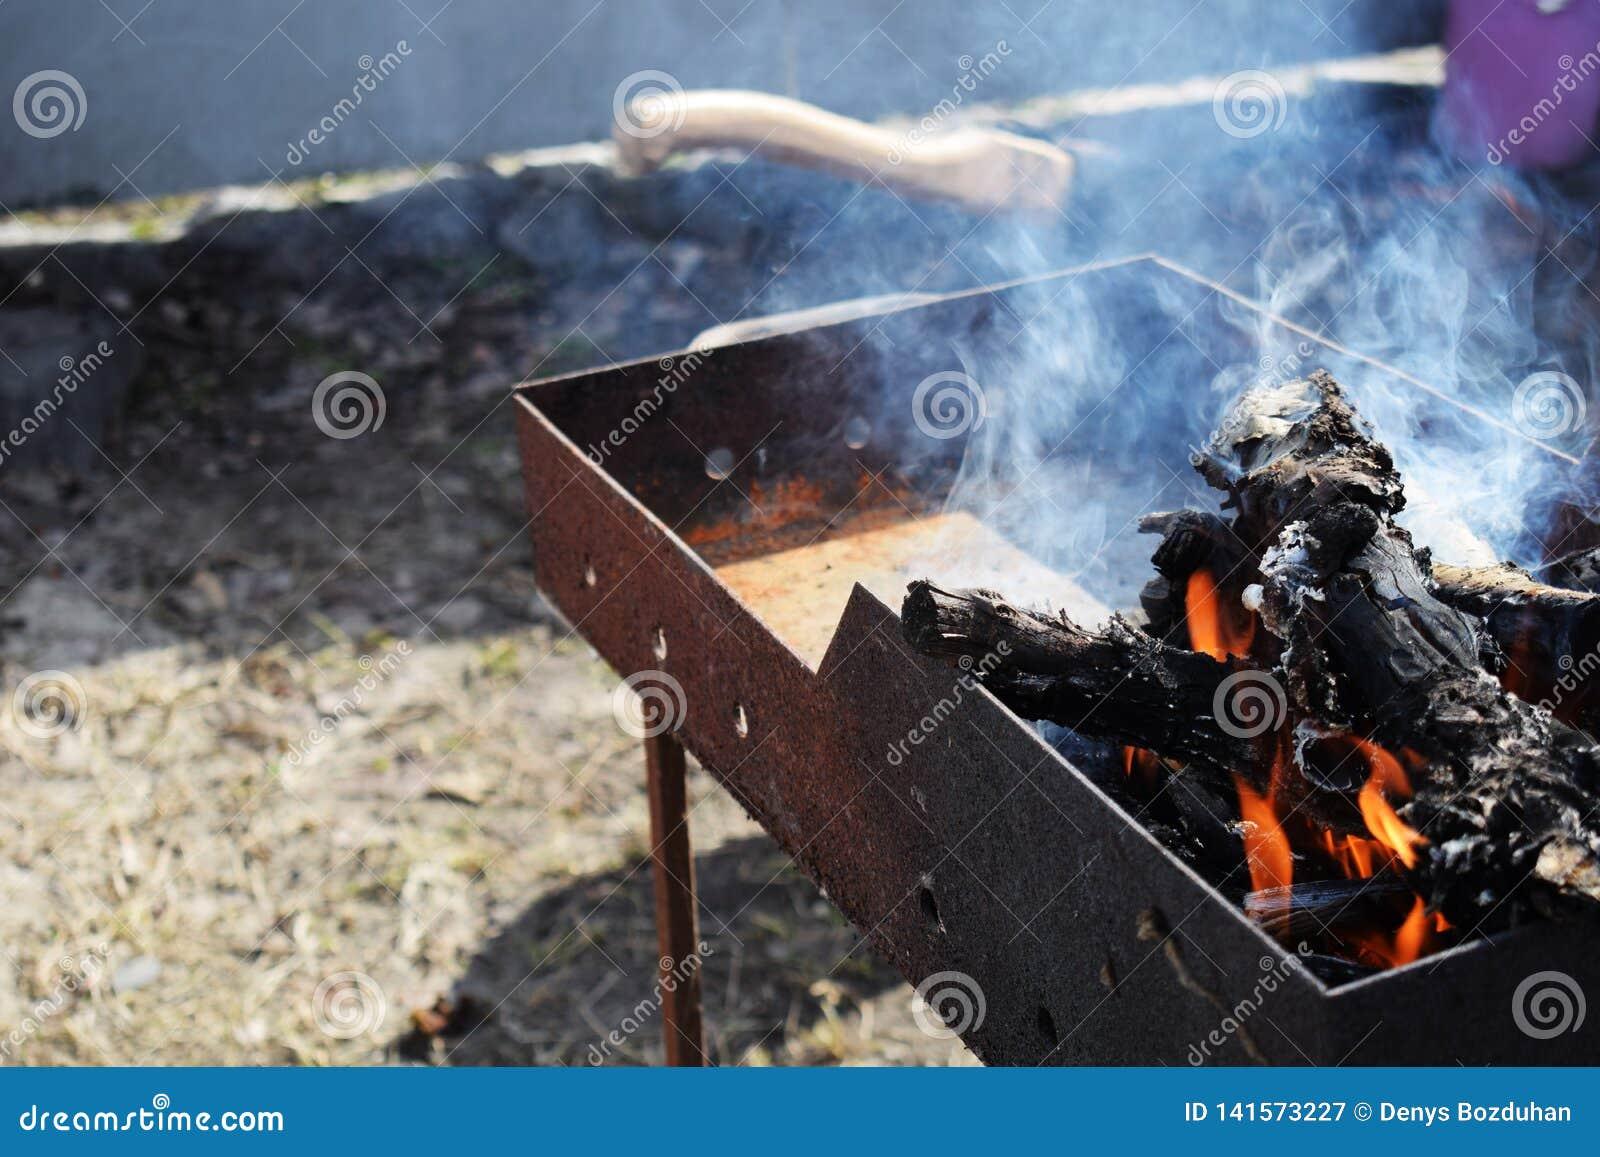 Bois de chauffage brûlant dans le vieux gril de gril, faisant cuire des chiches-kebabs